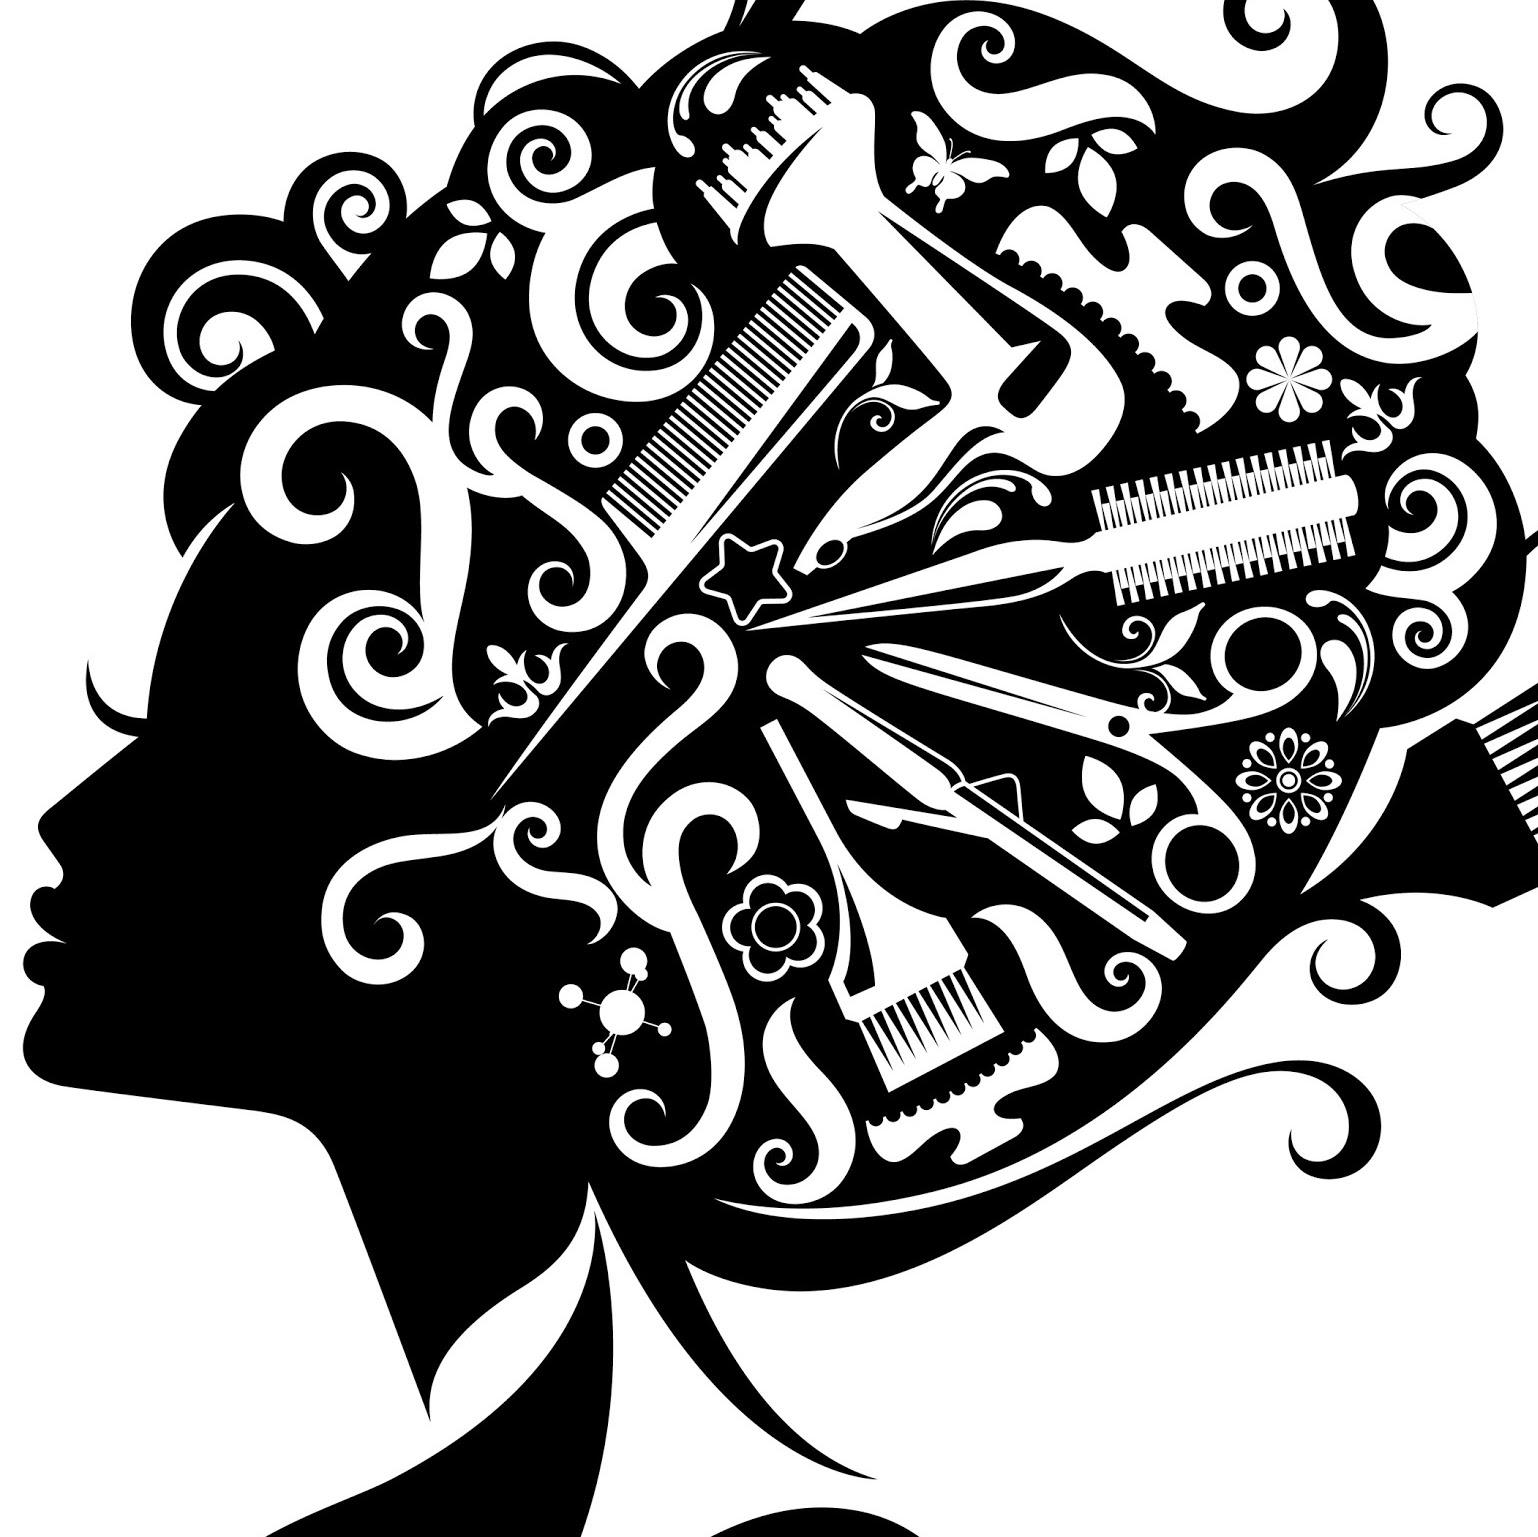 Hair Salon Clip Art Clipartfox-Hair Salon Clip Art Clipartfox-9